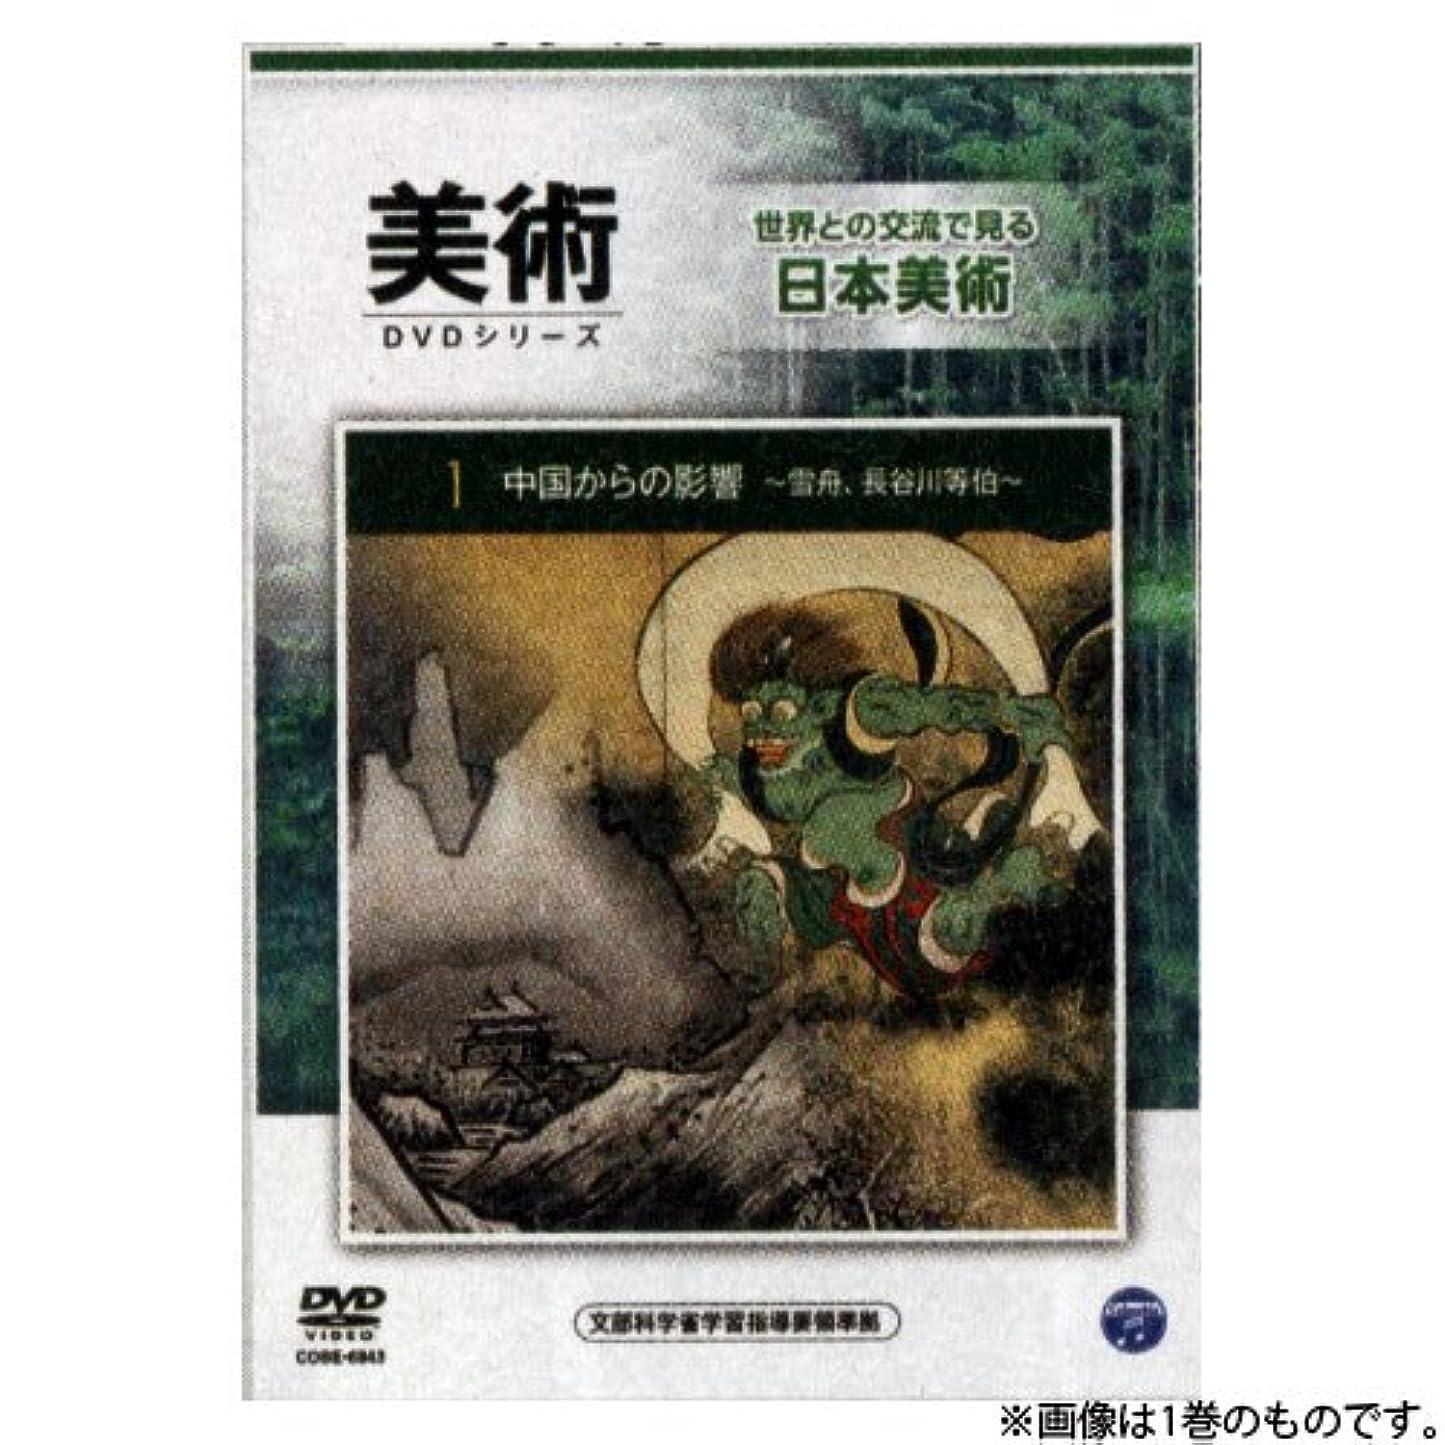 最初にまもなく手つかずのDVD世界との交流で見る日本美術 全3巻セット B53-1789